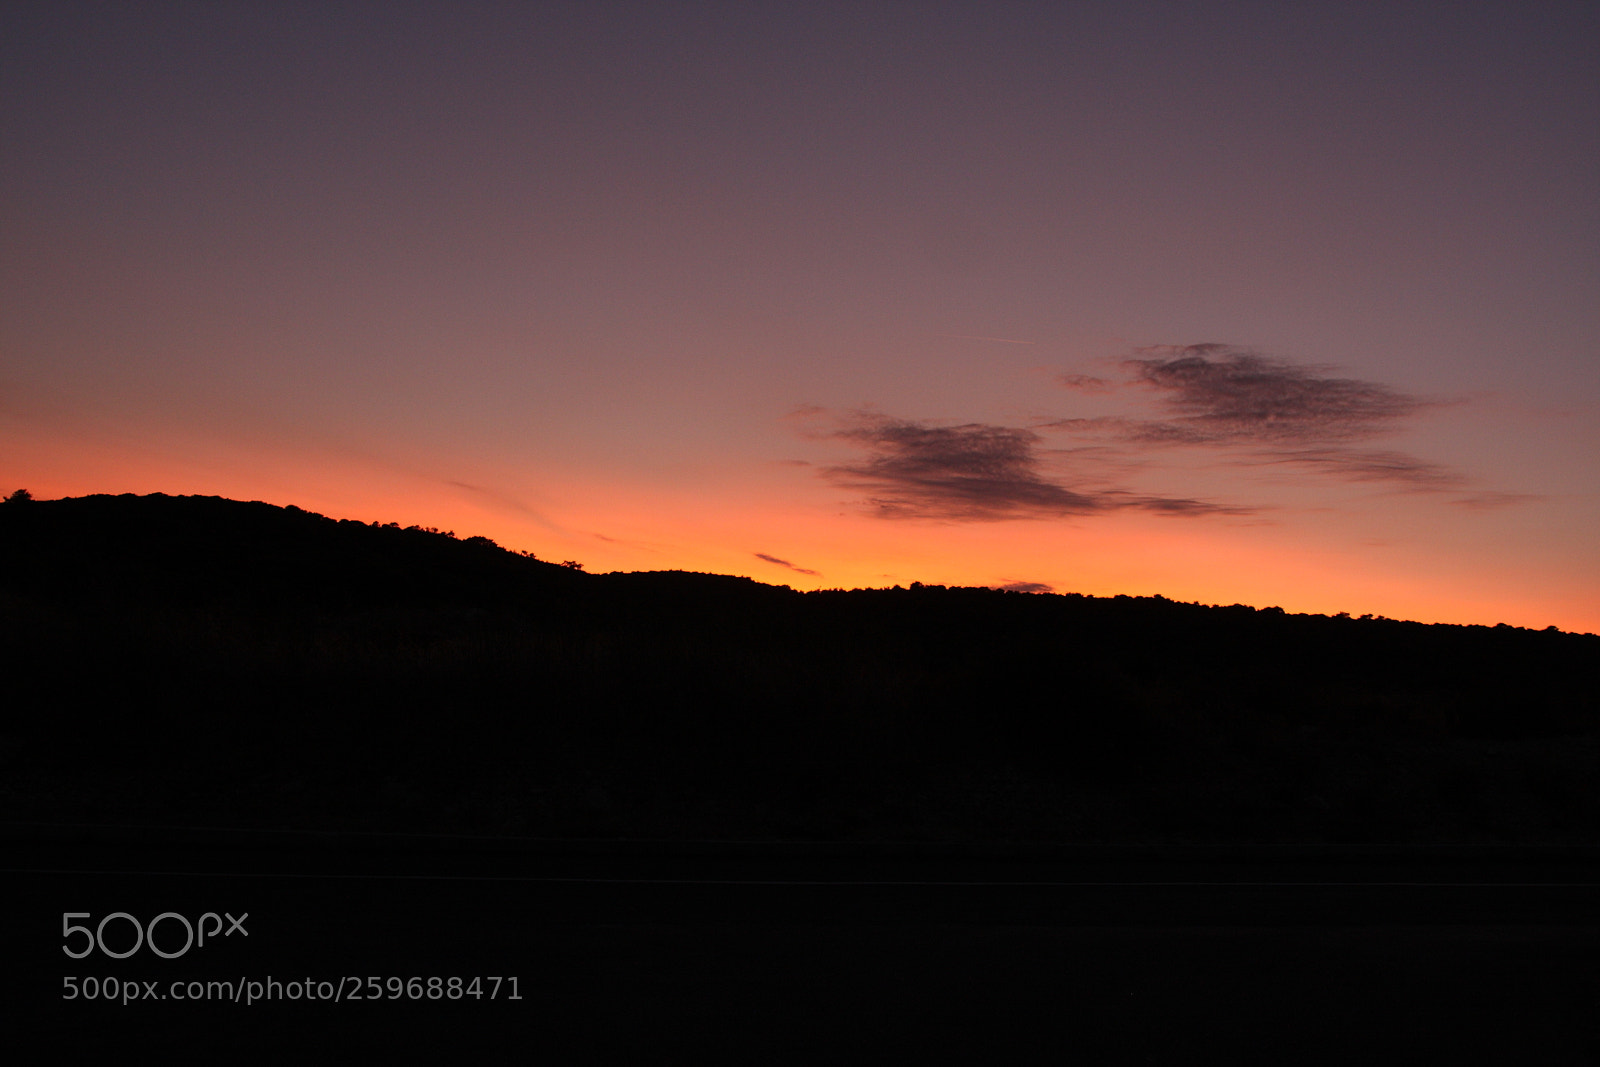 Silhouette, Canon EOS 40D, Sigma 17-70mm f/2.8-4.5 DC Macro